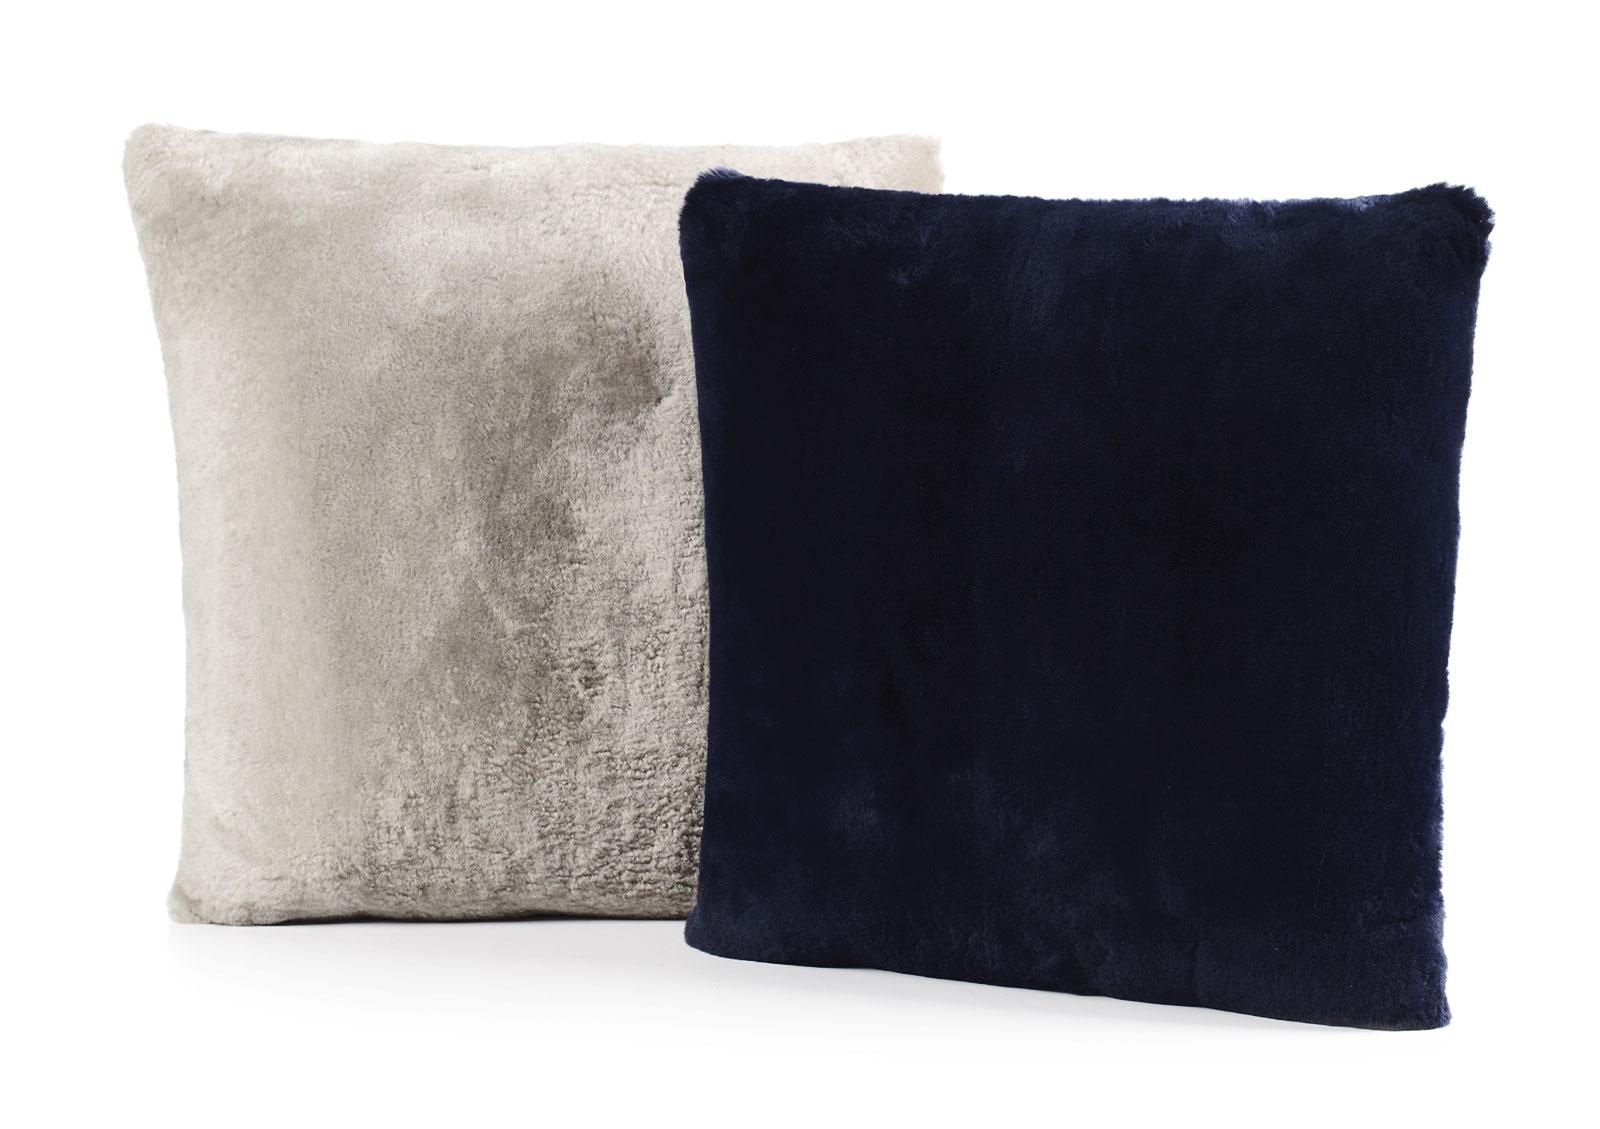 Shearling pillows